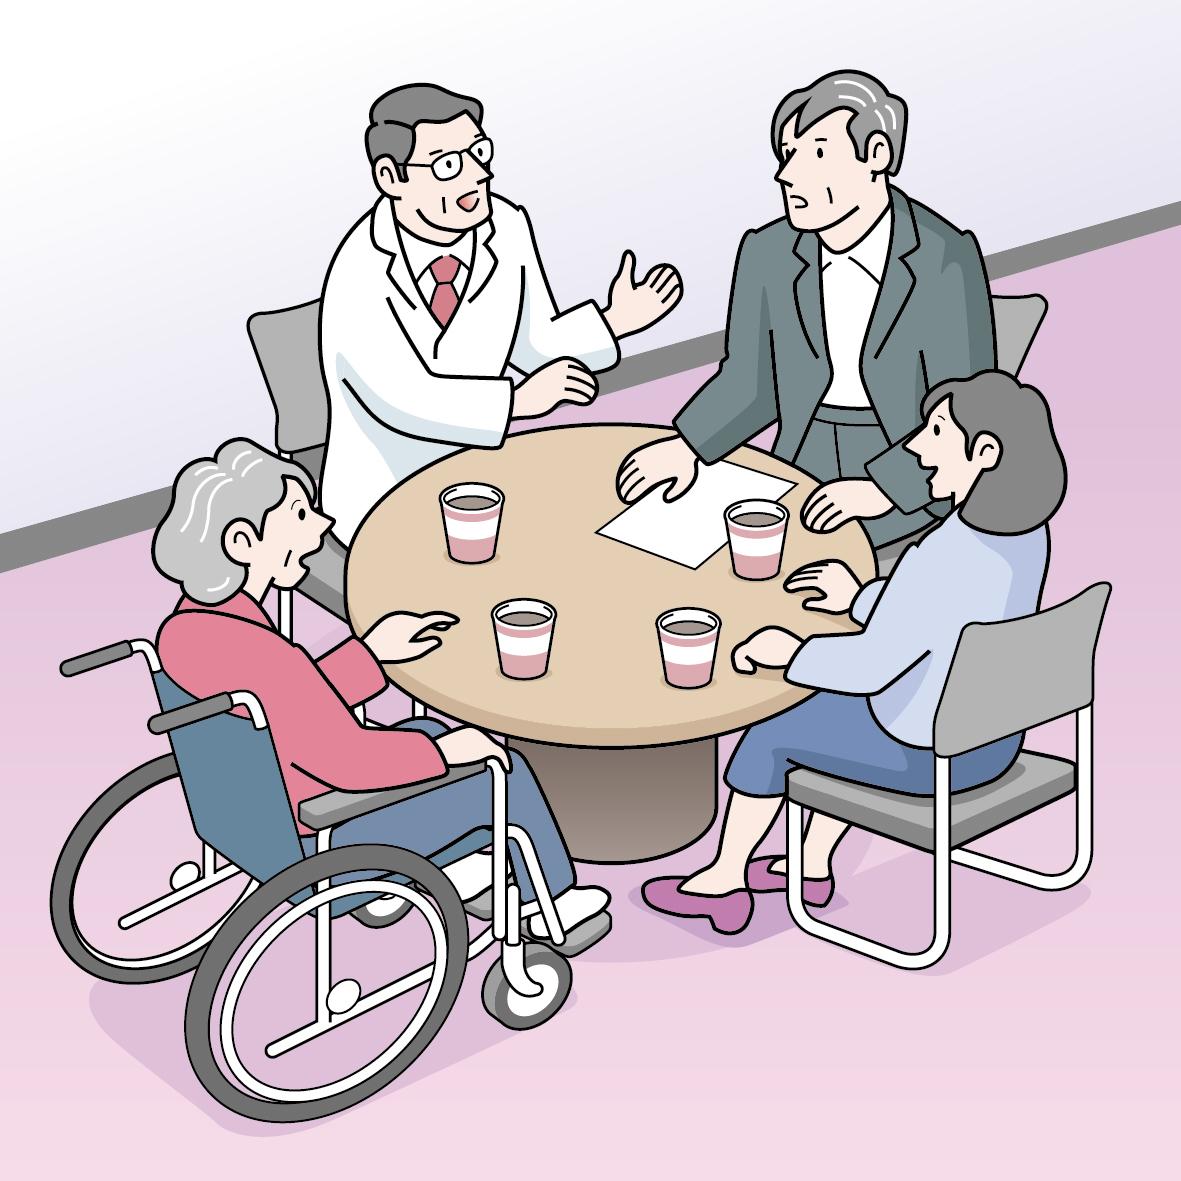 老化早める「ウェルナー症候群」日々の足ケアが重要|医療ニュース トピックス|時事メディカル